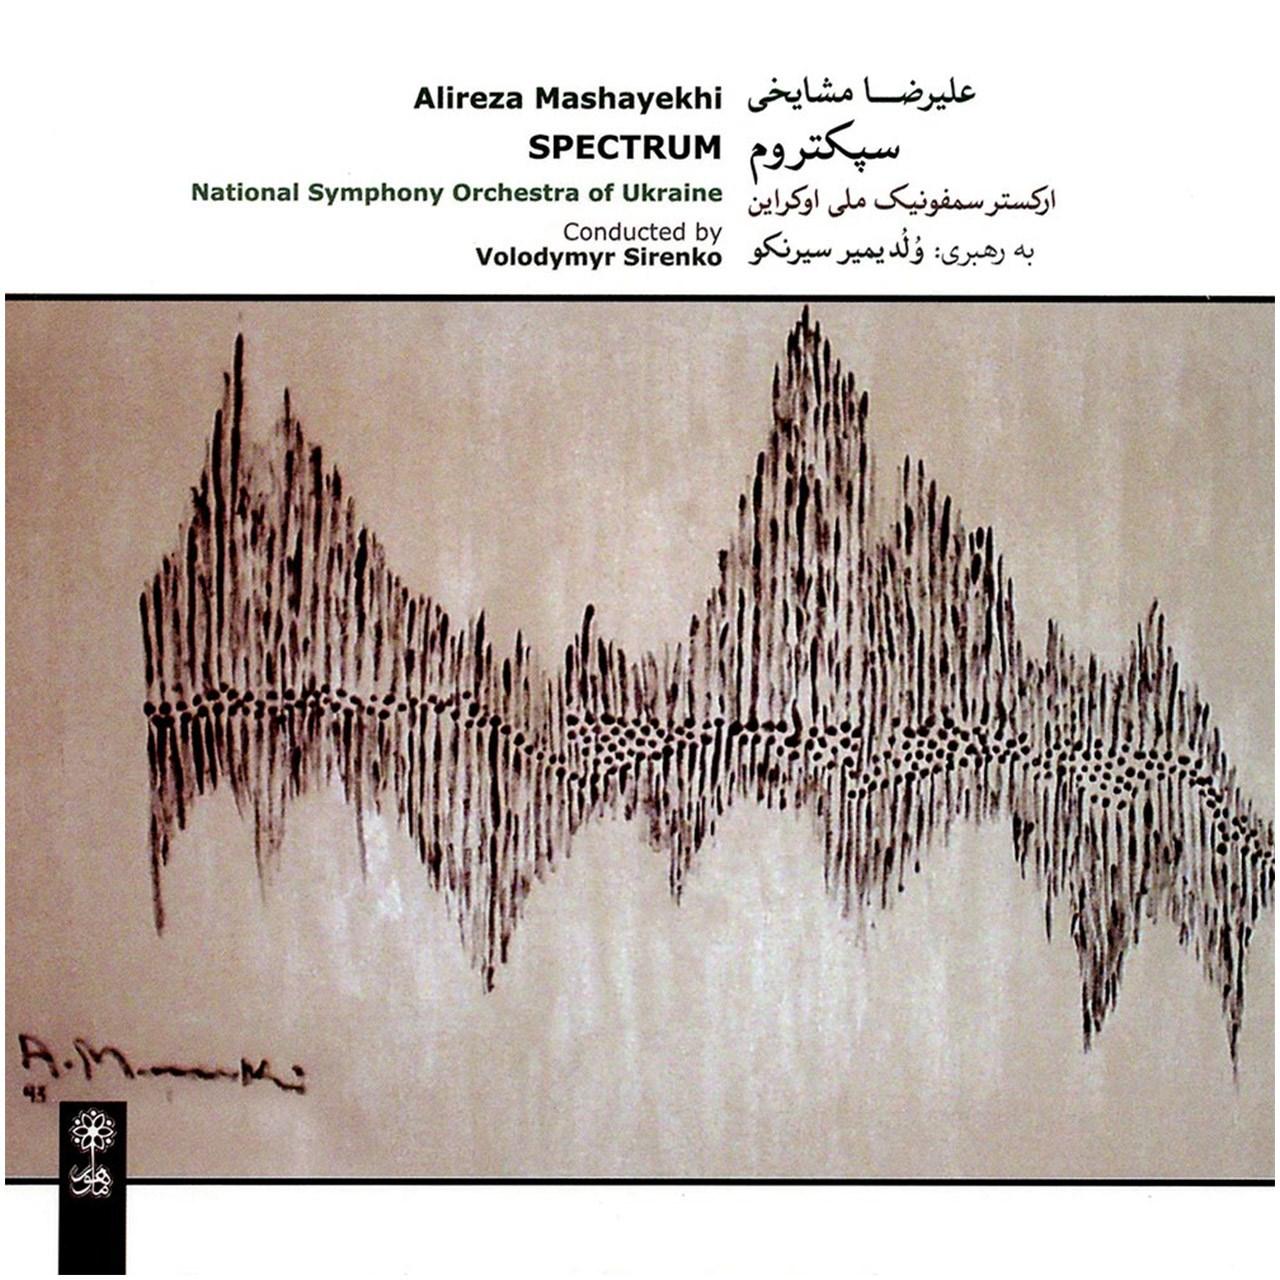 آلبوم موسیقی سپکتروم اثر علیرضا مشایخی